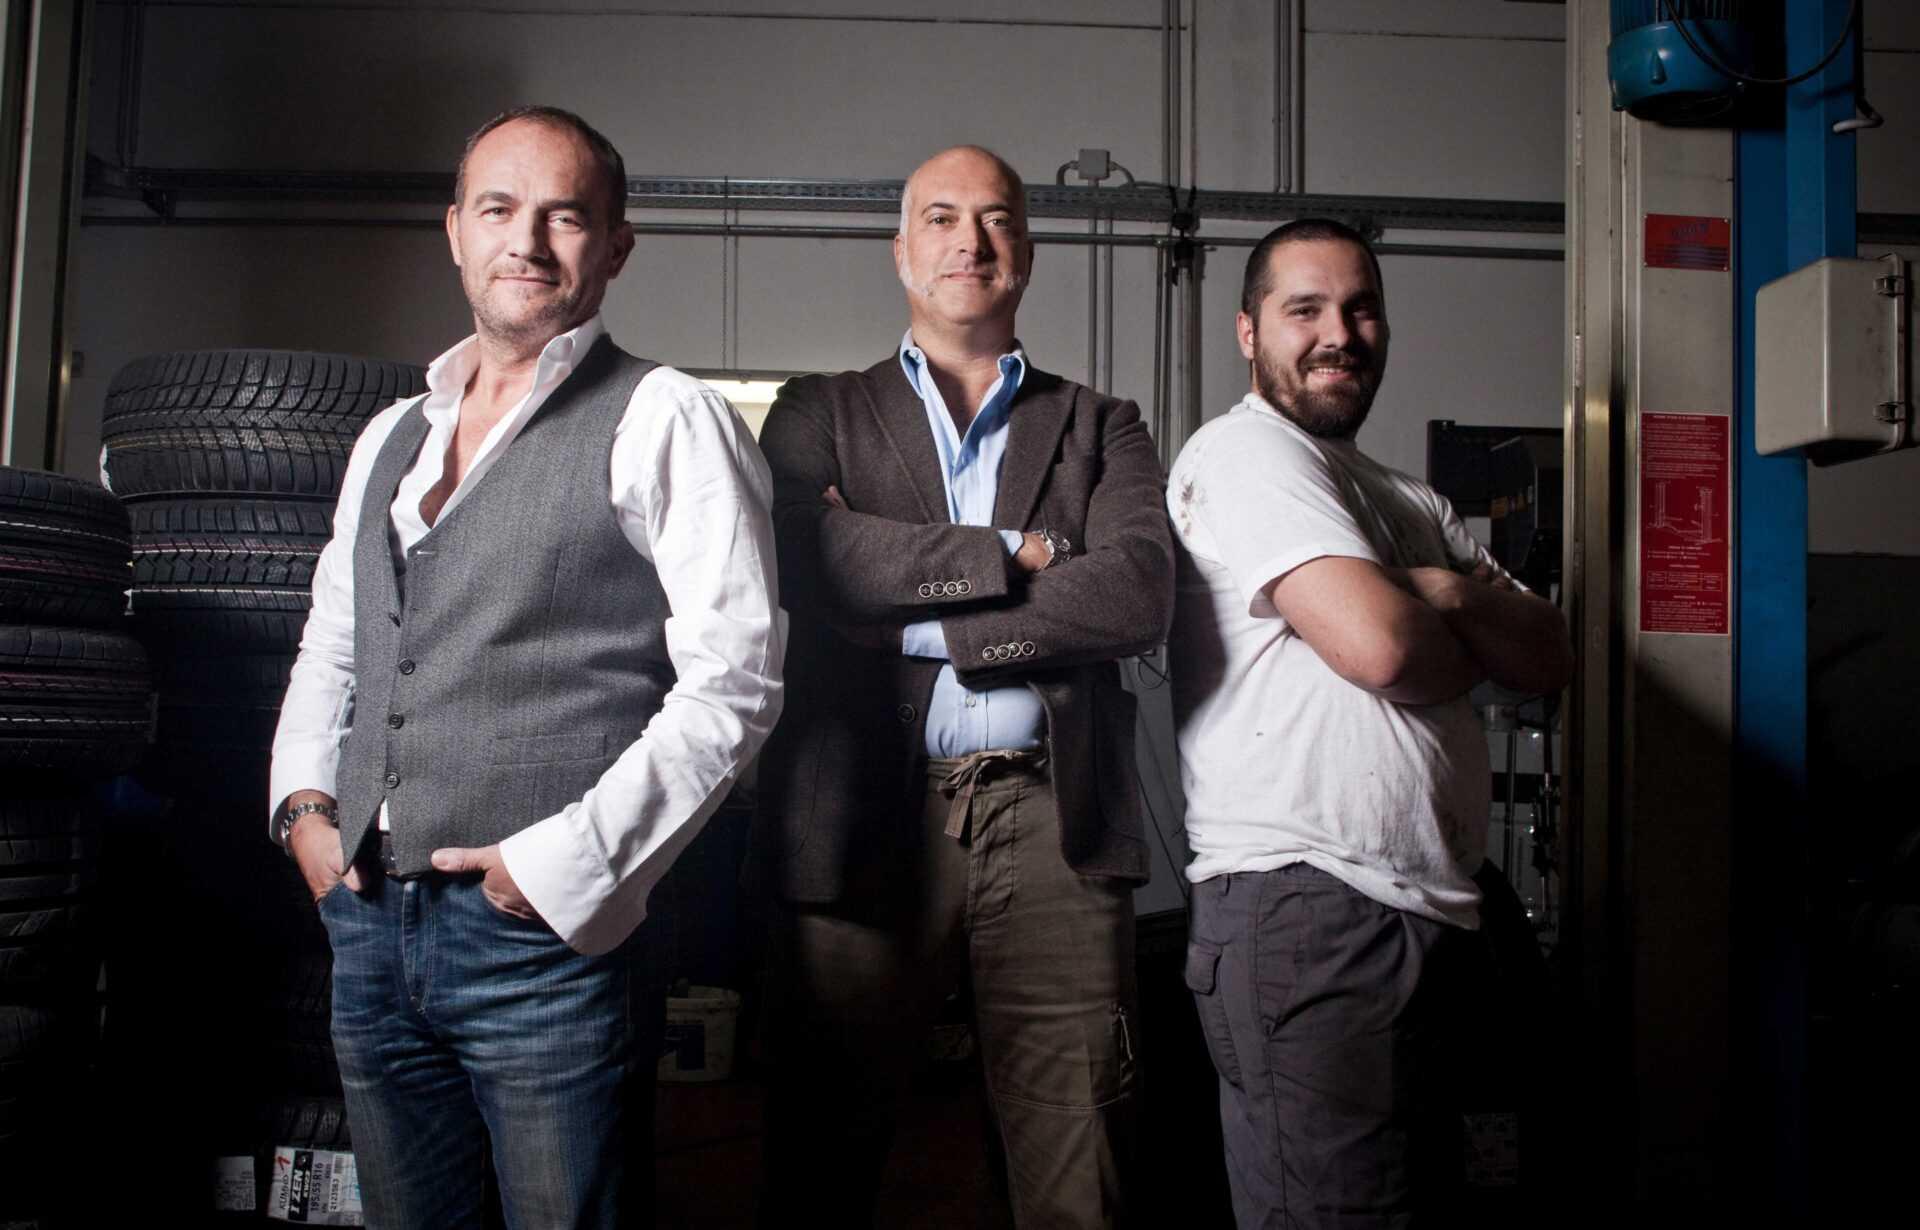 Affari a quattro ruote Italia arriva su DMAX da questa sera   Digitale terrestre: Dtti.it